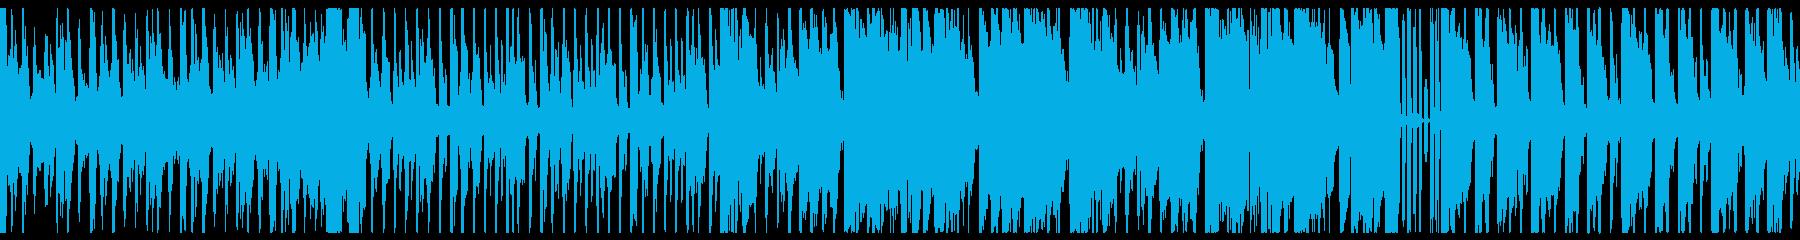 【ループ仕様】楽しげなRPGバトルBGMの再生済みの波形